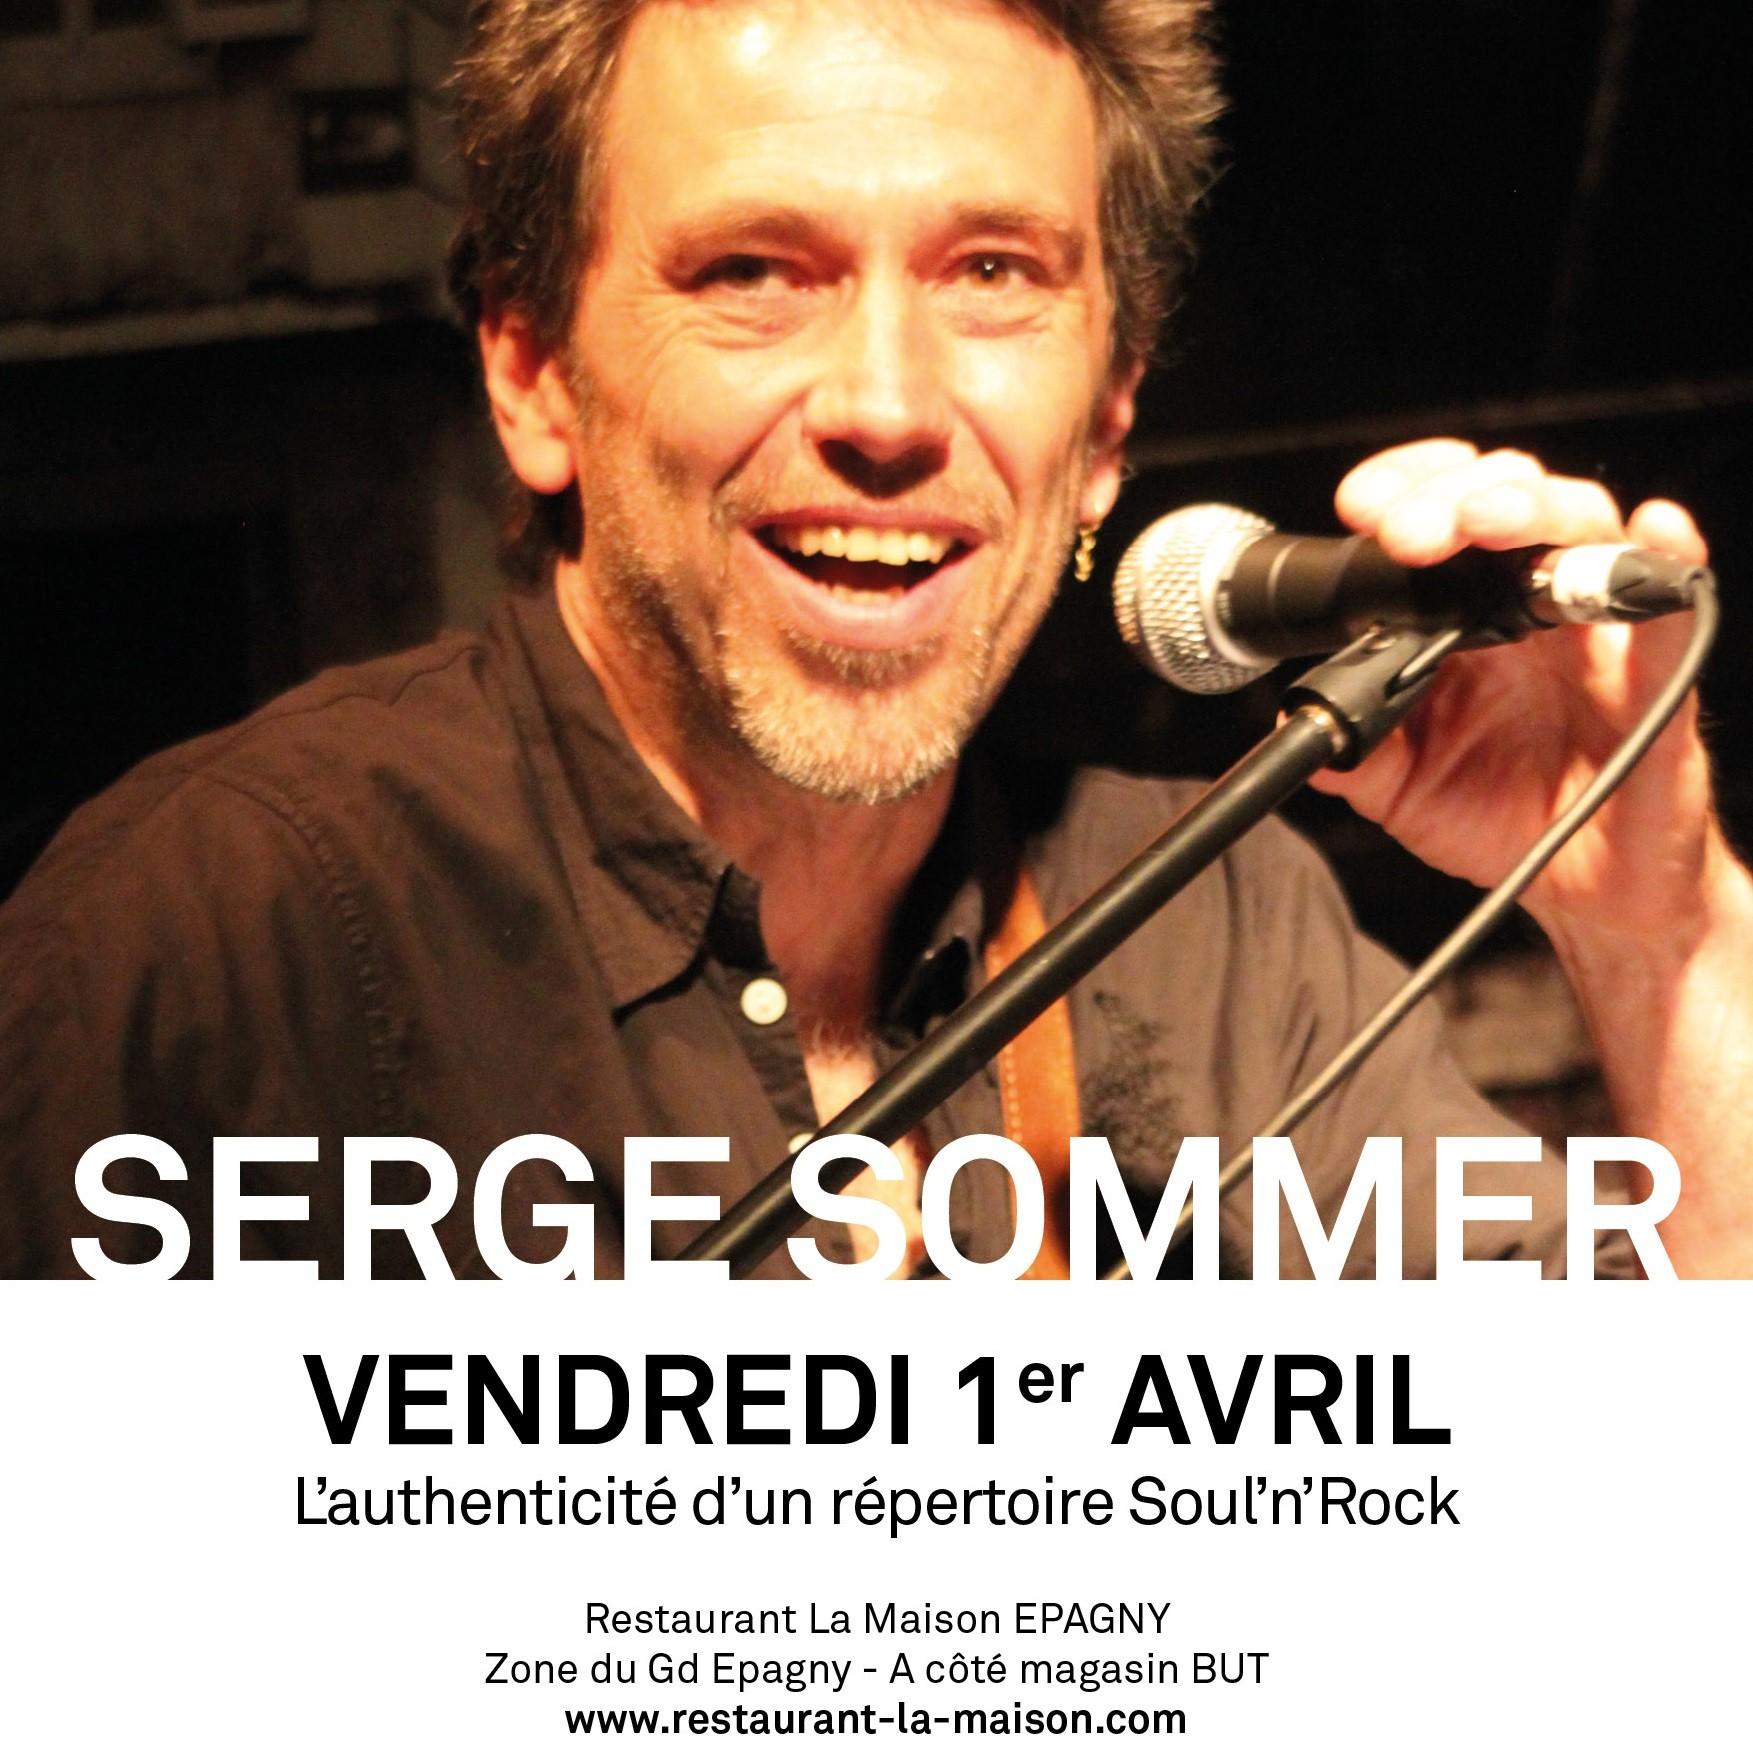 Concert de Serge Sommer